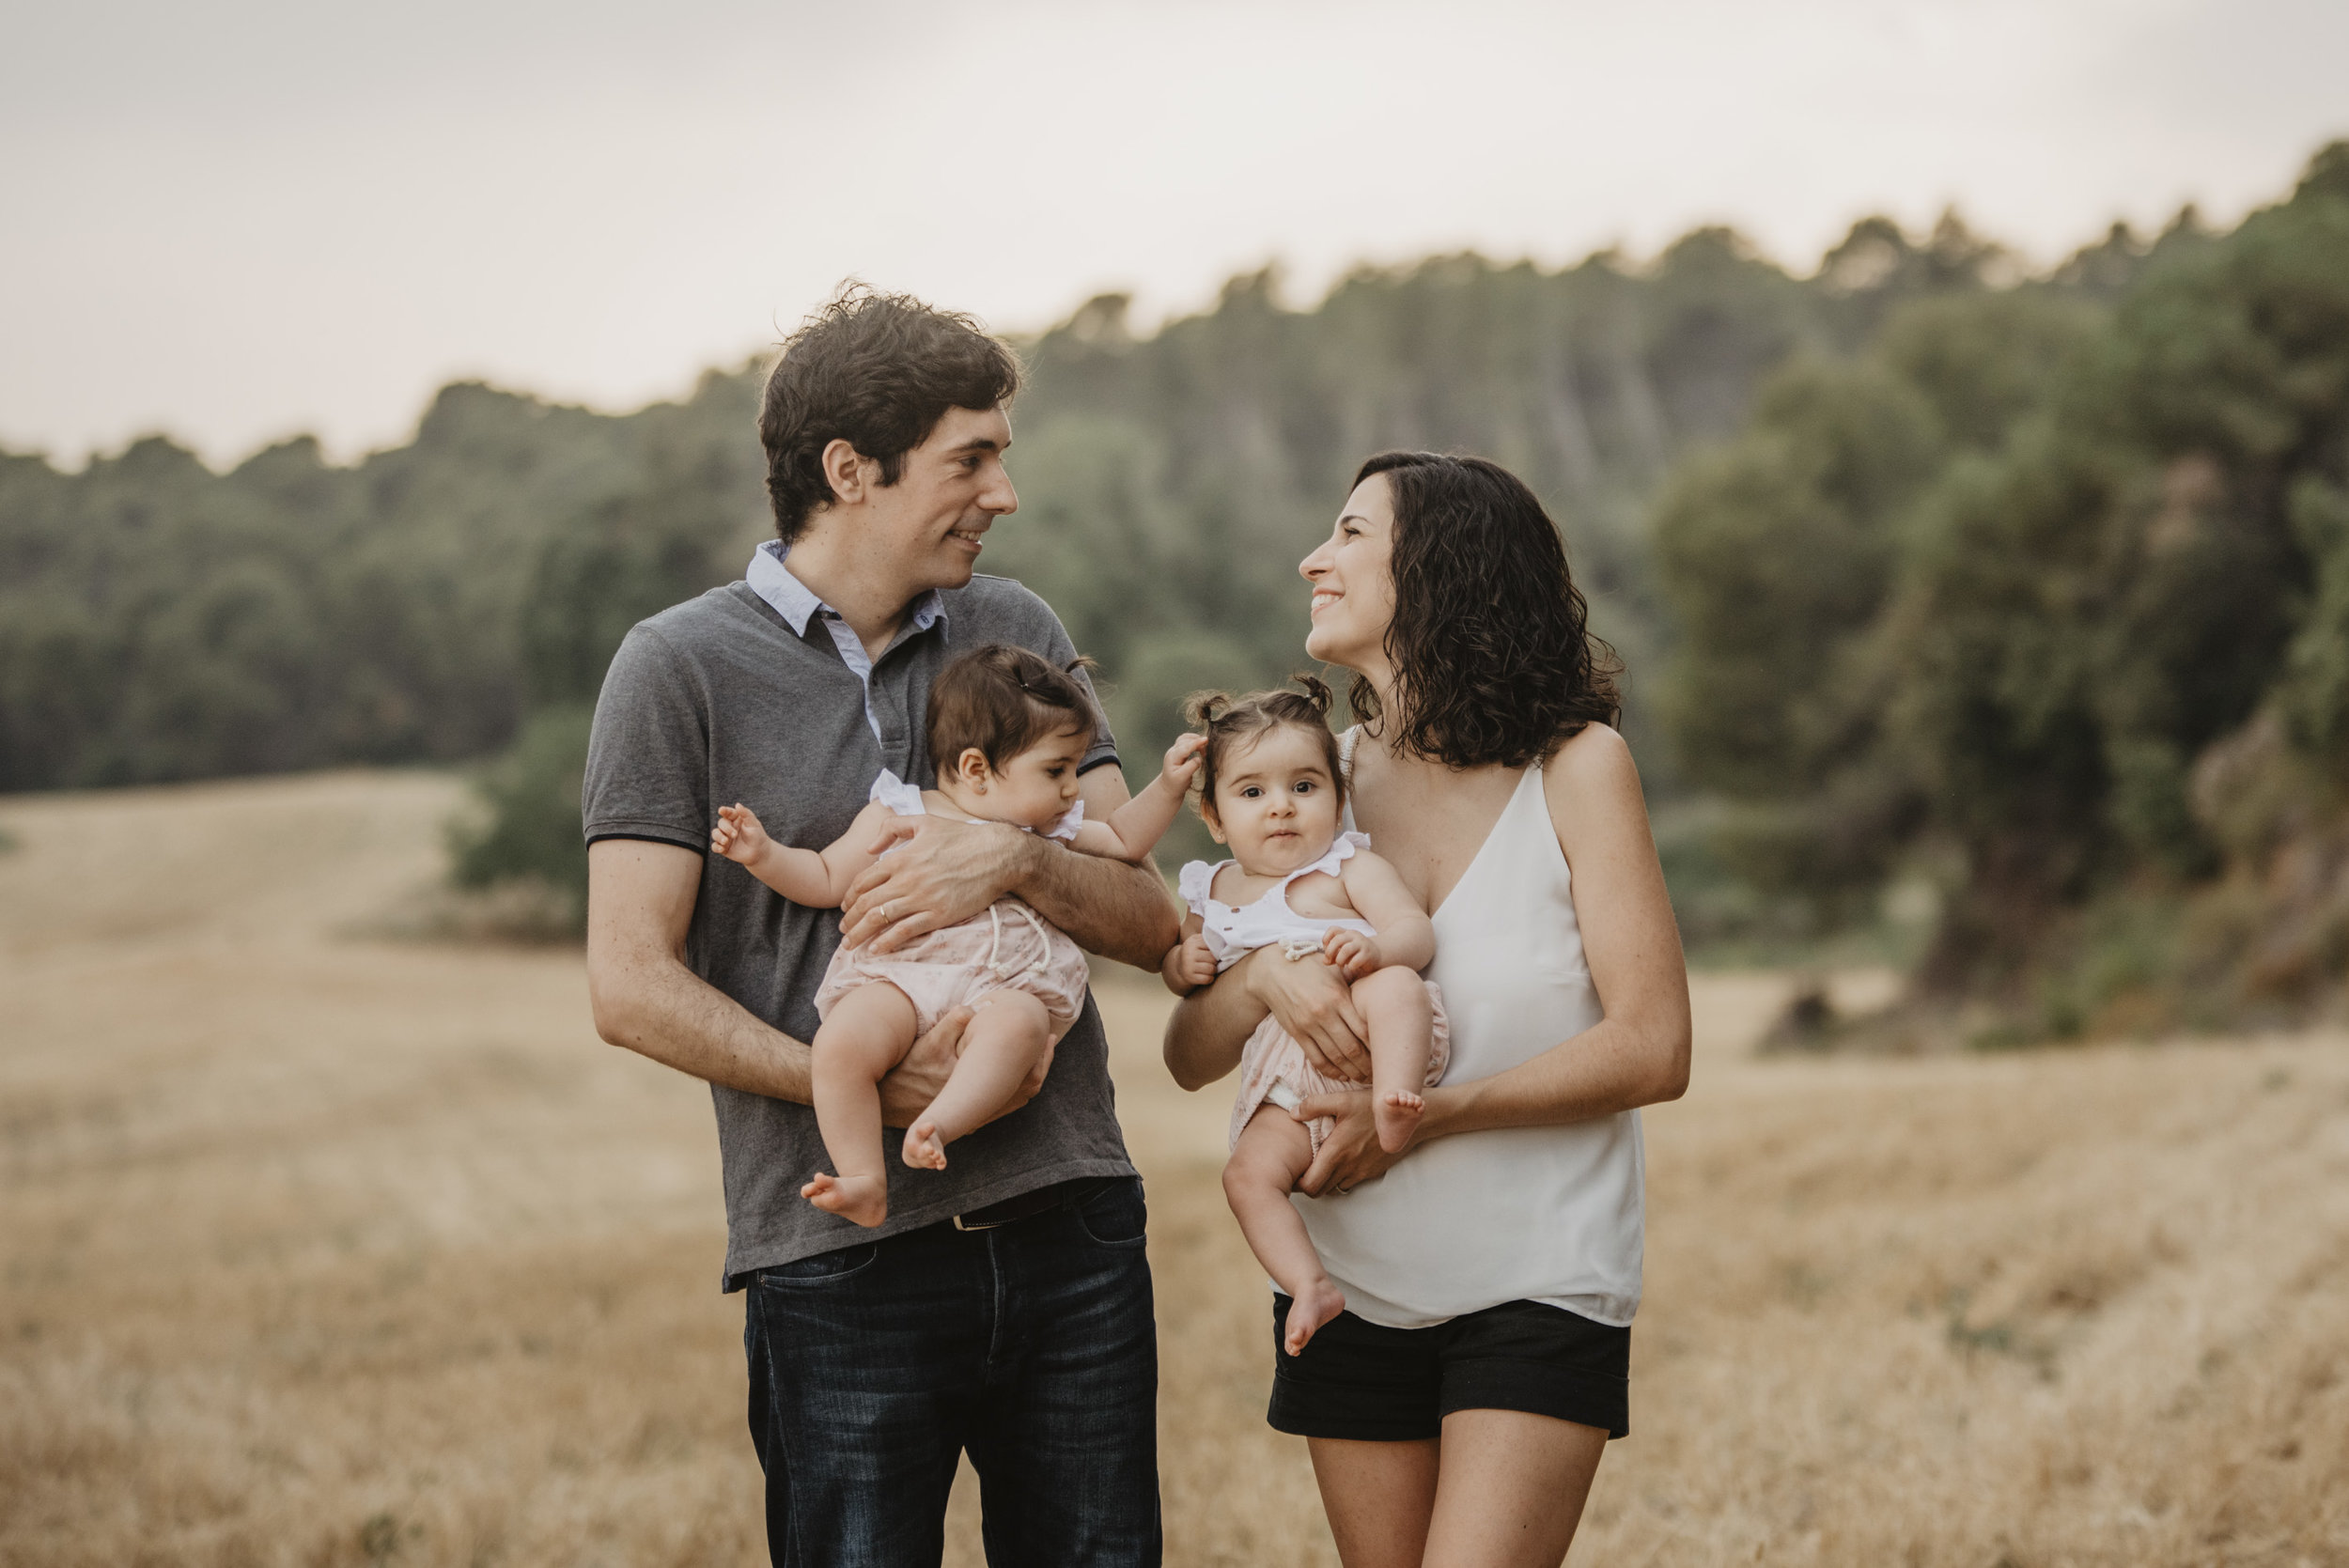 familia-reportatge-fotos-catalunya-terrassa-bessones-mellizas-mia-moments-photo-fotografia-familiar-exterior-09.jpg